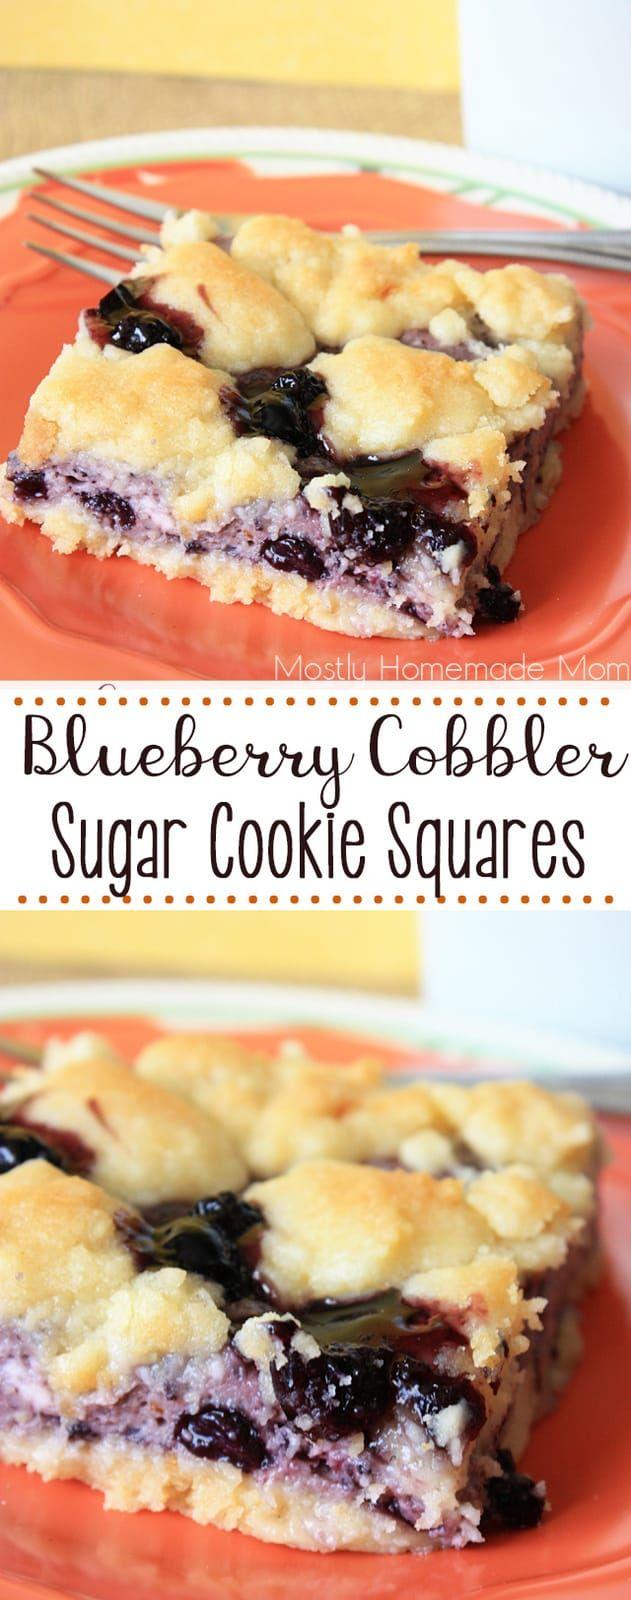 Blueberry Cobbler Sugar Cookie Squares – Mostly Homemade Mom